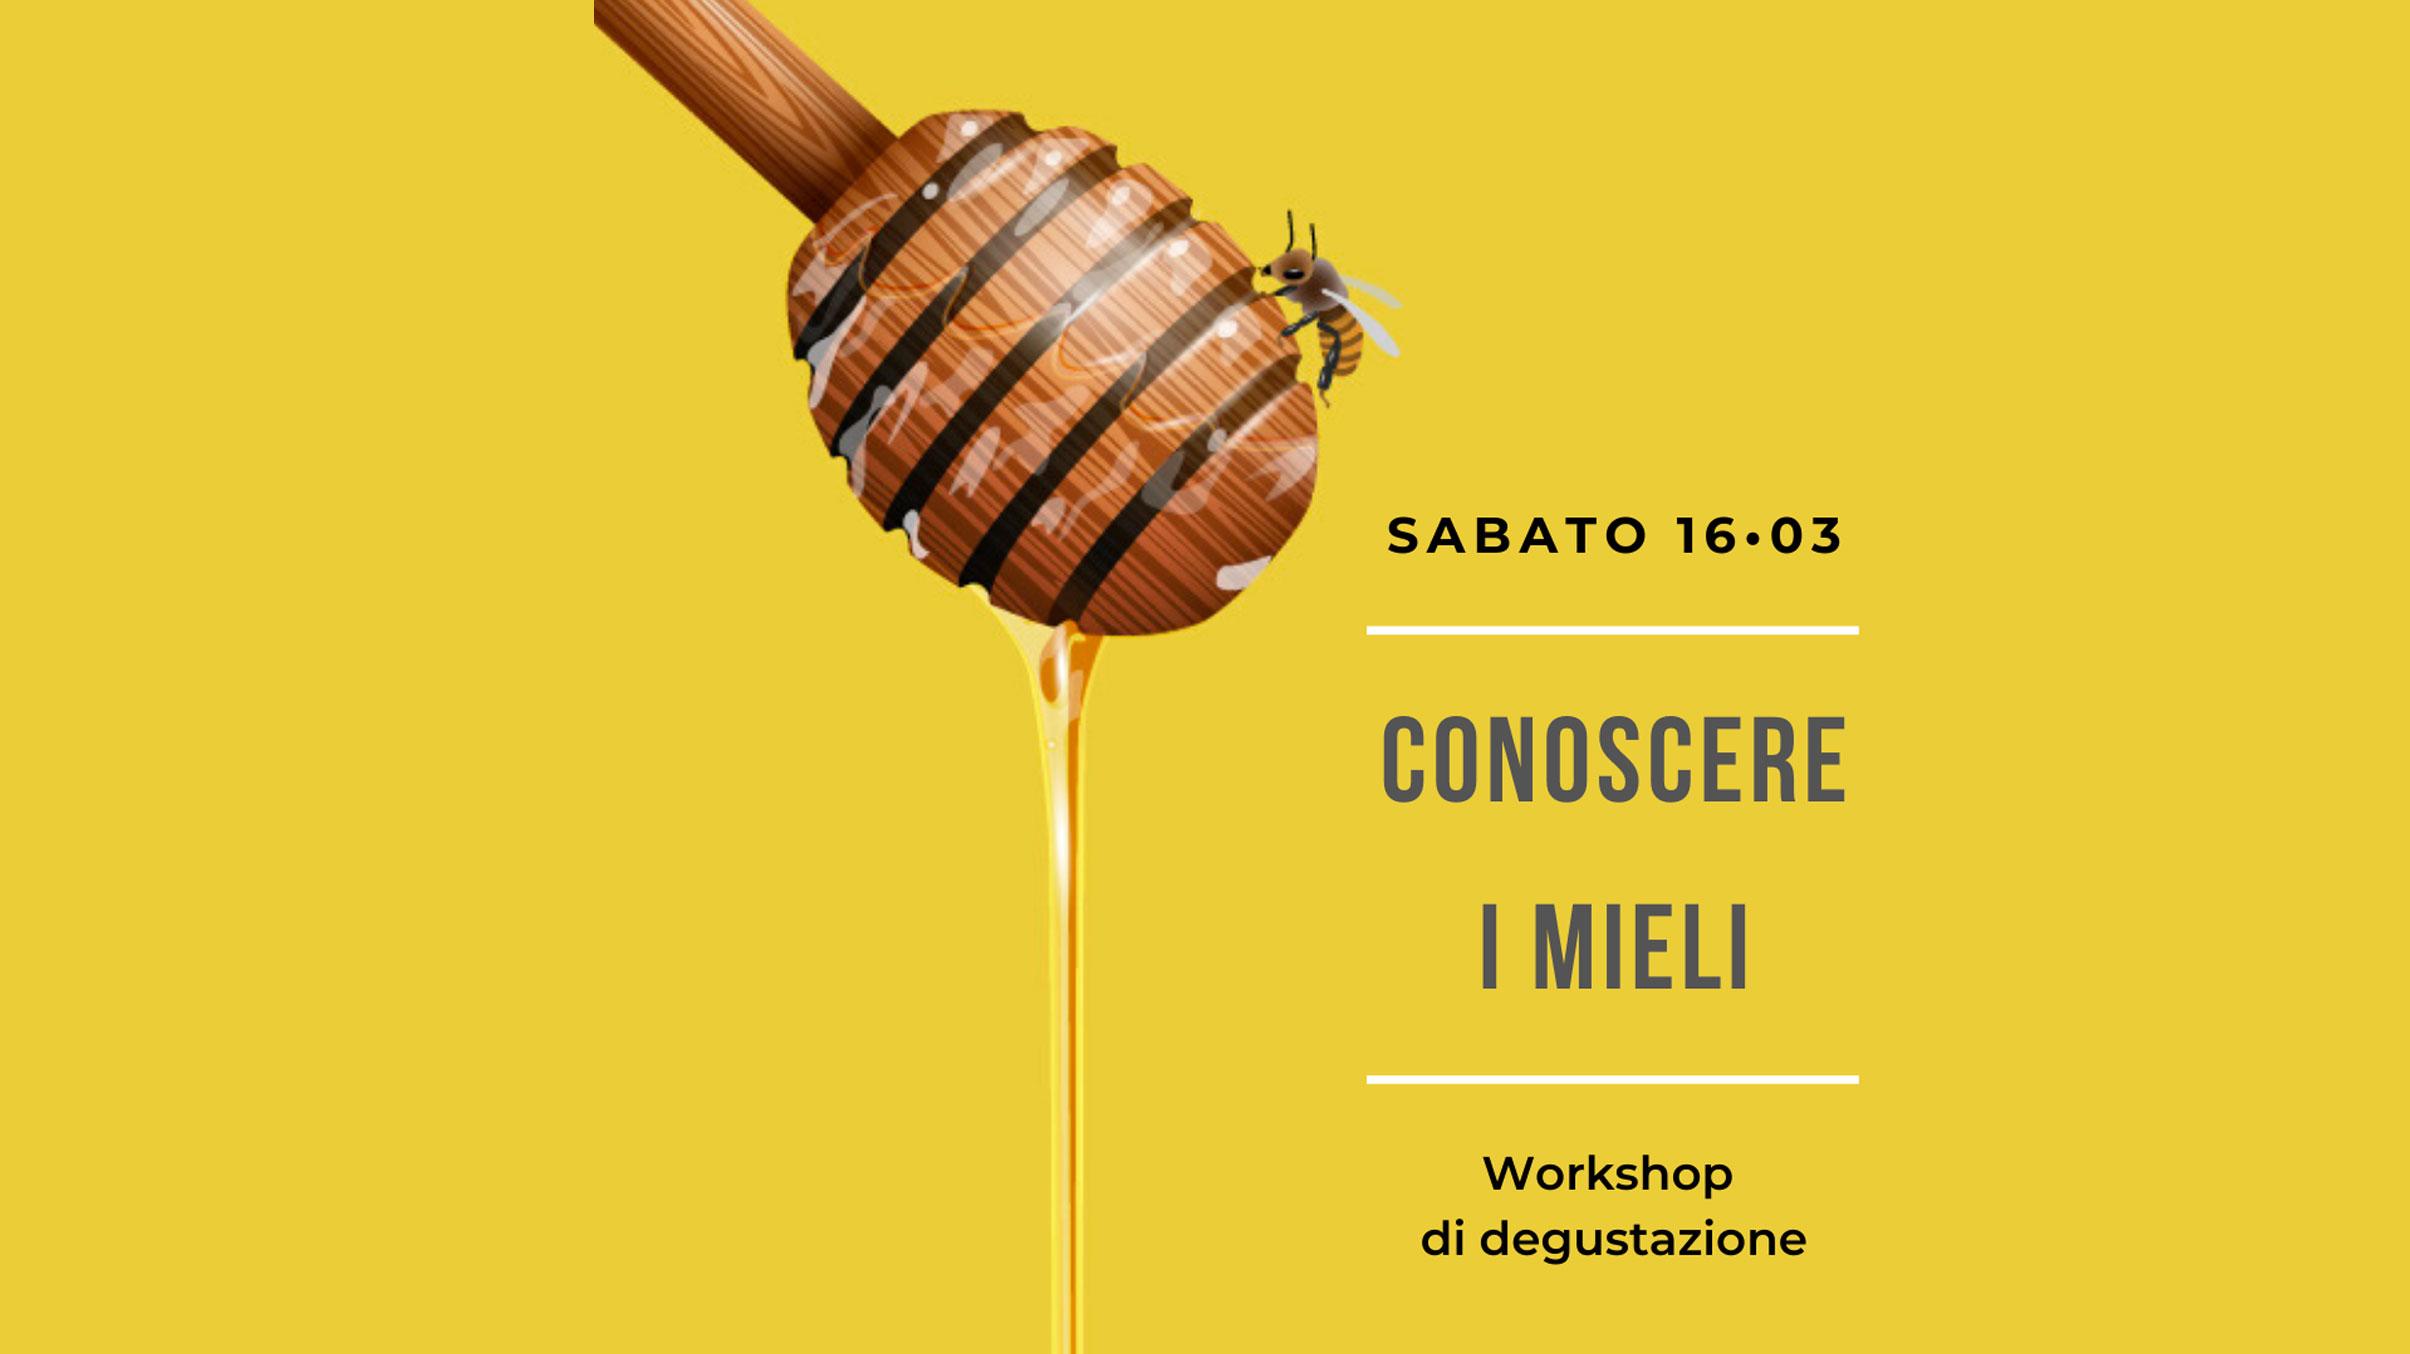 Conoscere-i-mieli_degustazione_barlazio